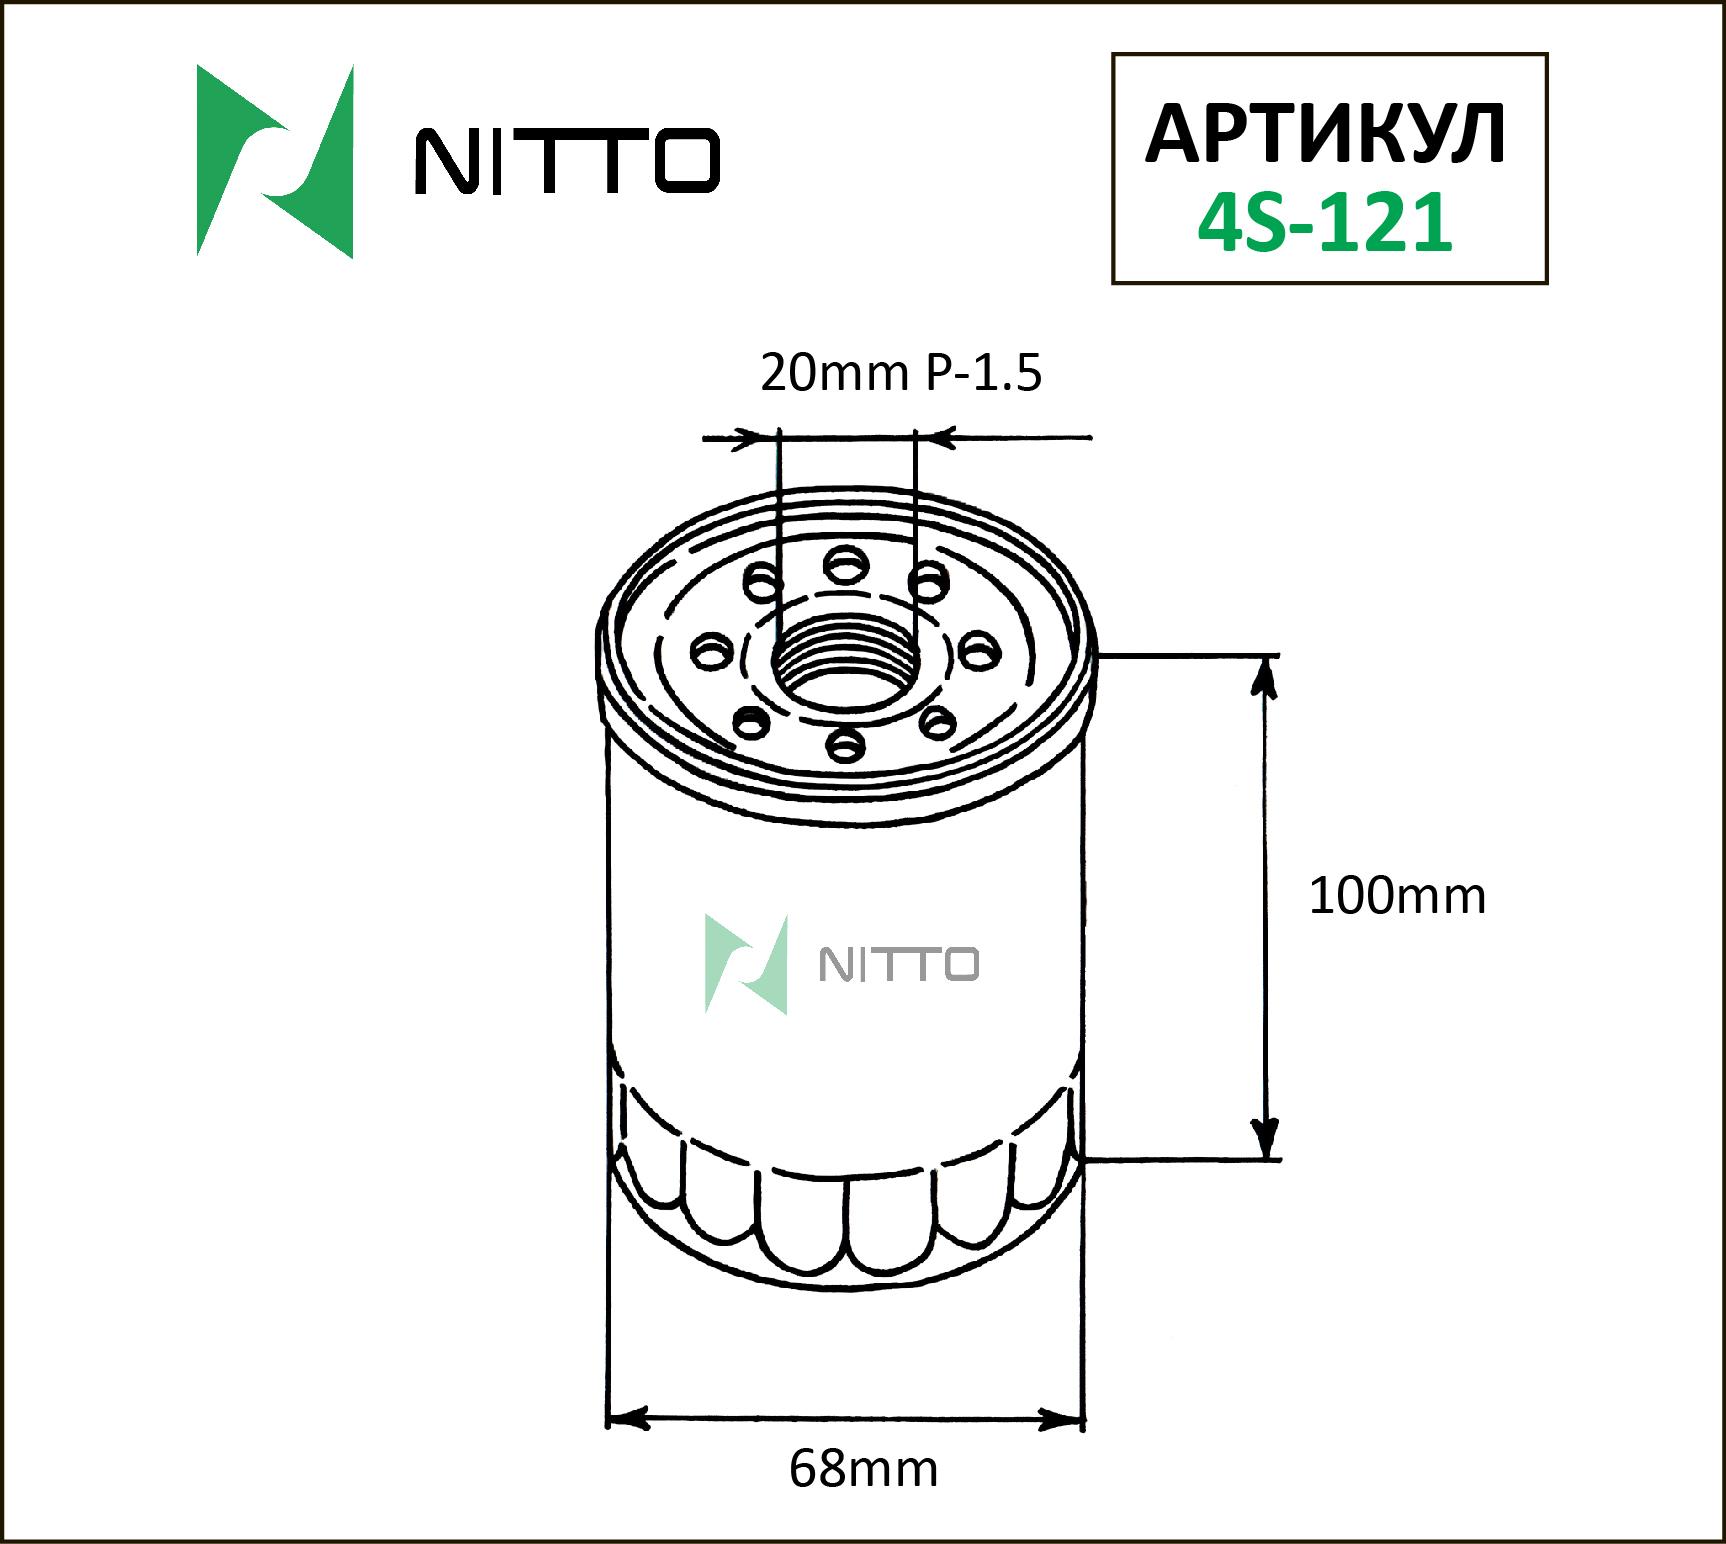 NITTO 4S121 | Фильтр масляный Nitto | Купить в интернет-магазине Макс-Плюс: Автозапчасти в наличии и под заказ